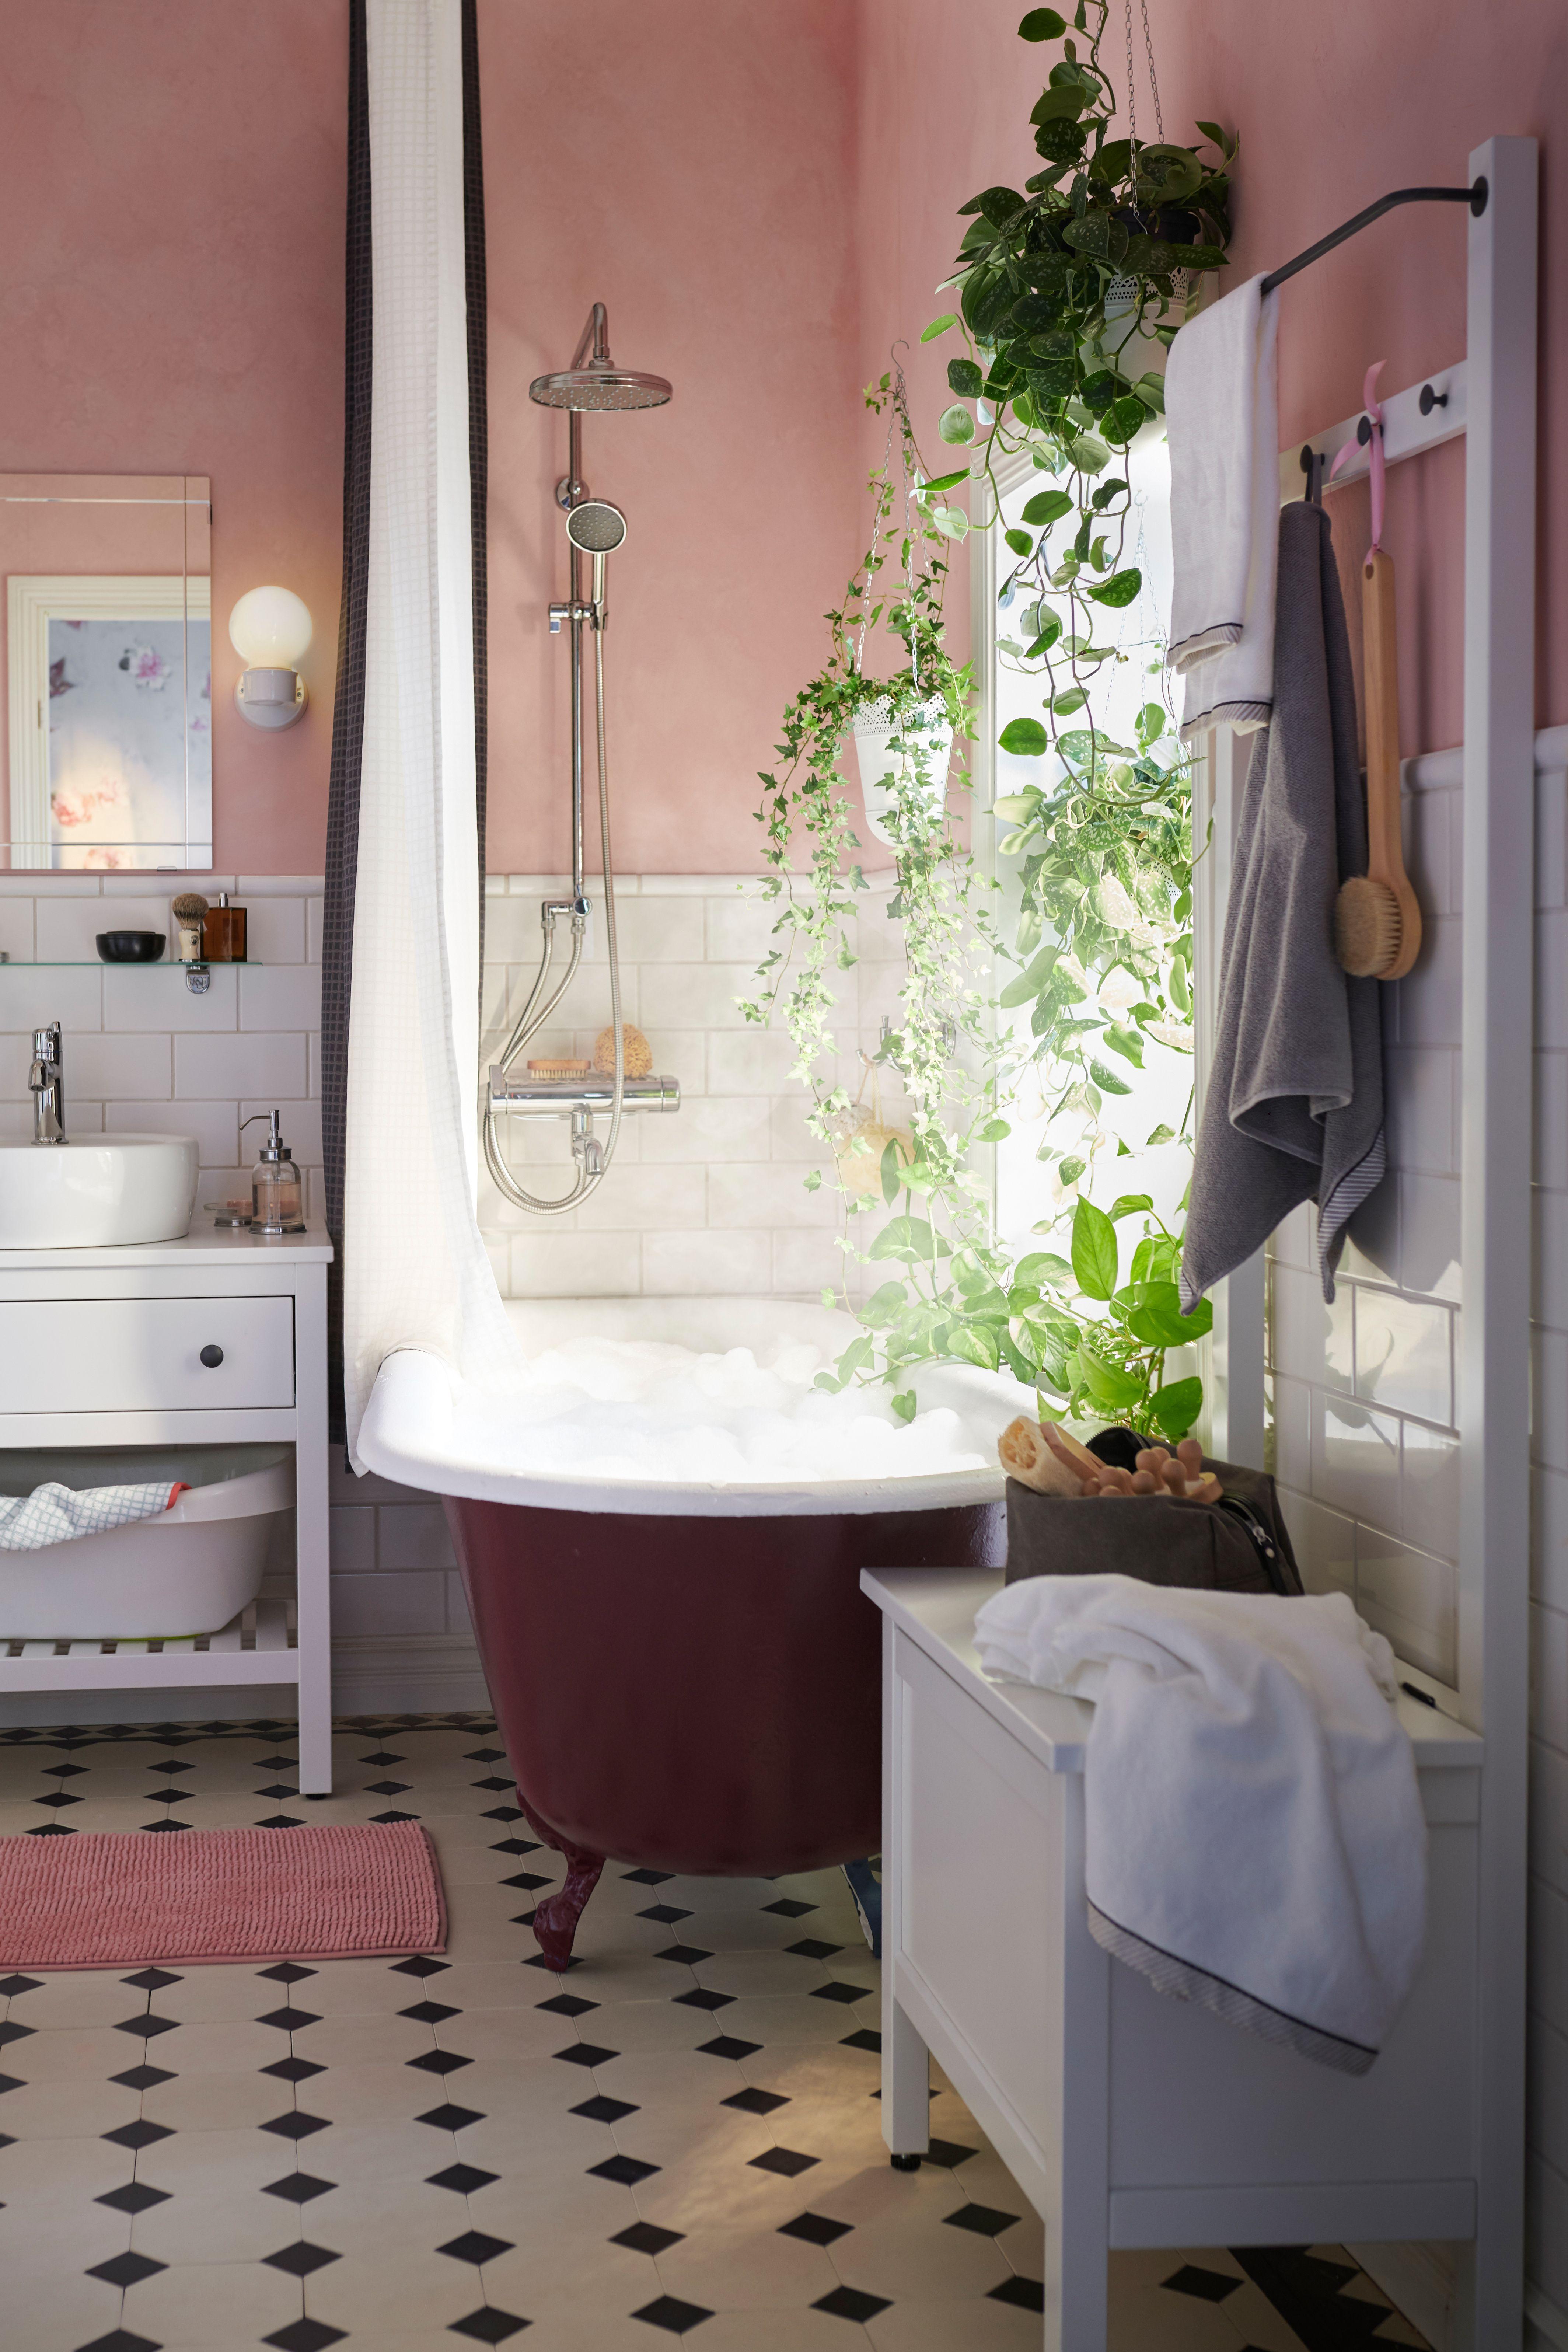 Hemnes Truhe Mit Handtuchstange 4 Haken Weiss Ikea Deutschland Badezimmer Aufbewahrung Badezimmer Inspiration Badezimmer Dekor